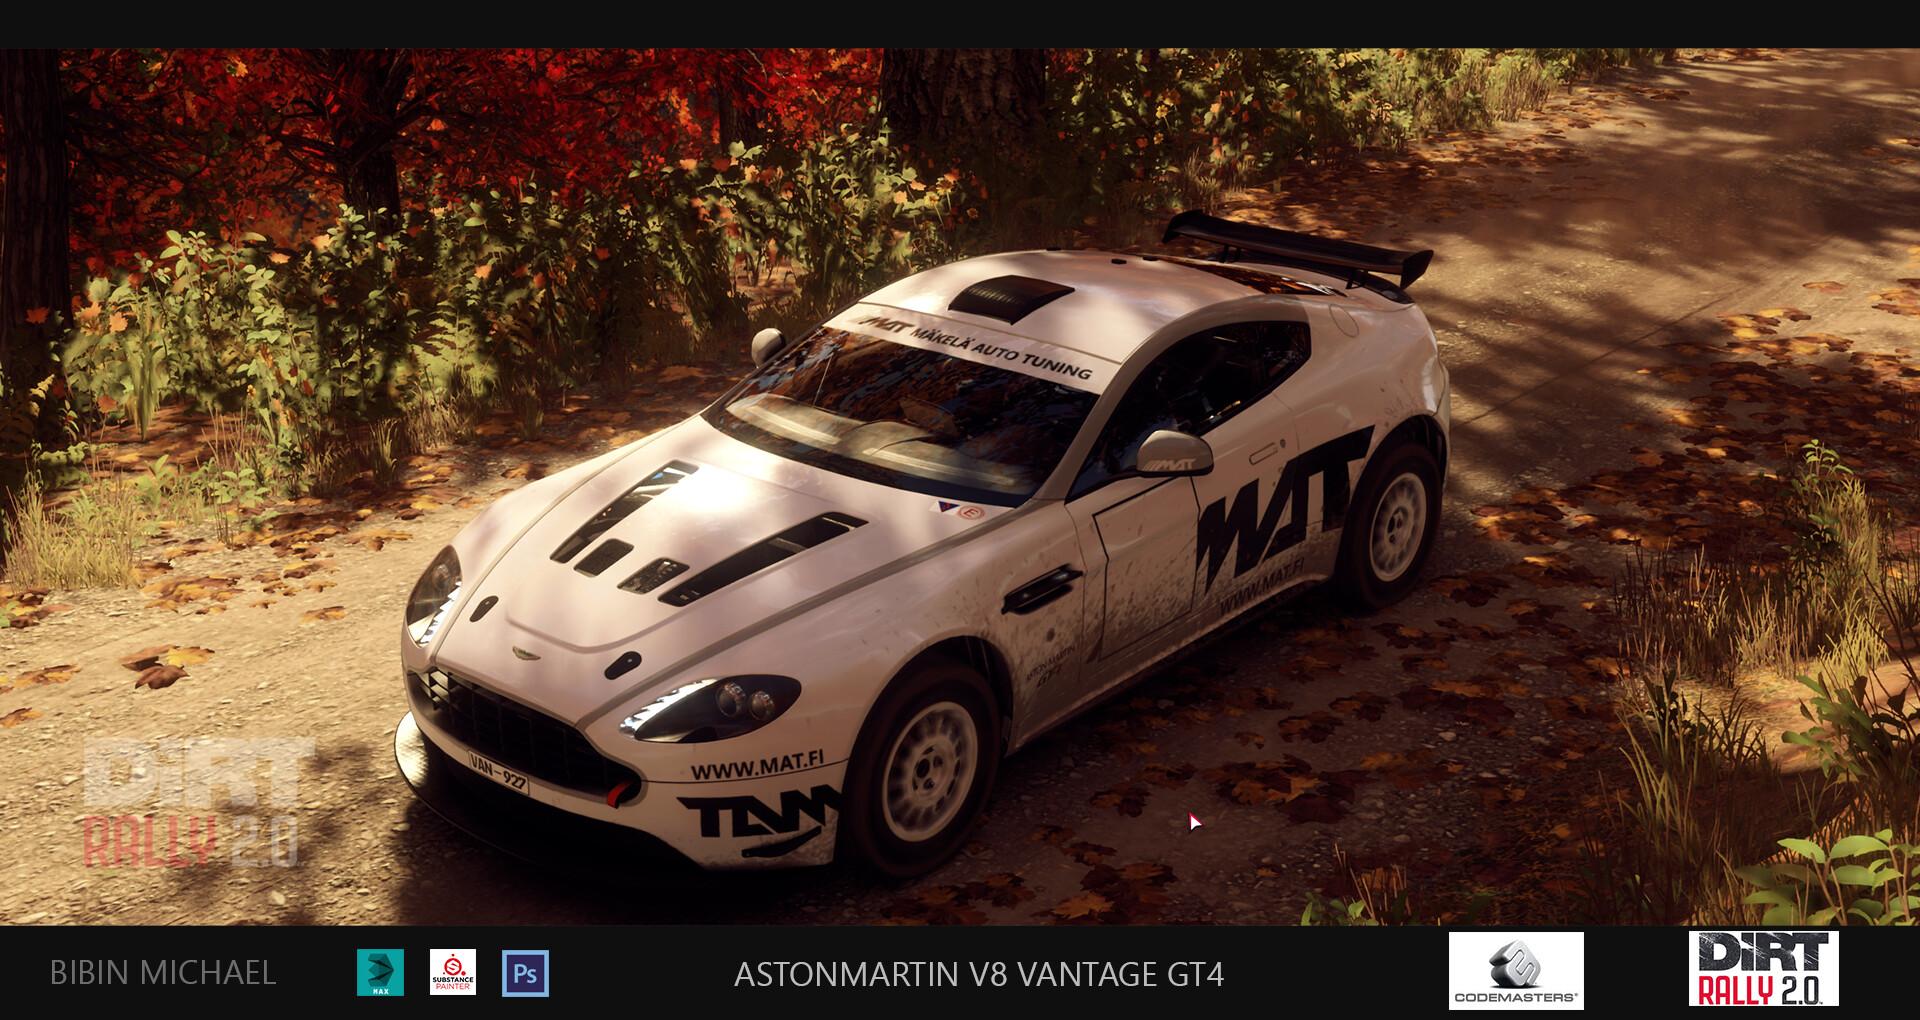 Vantage GT4